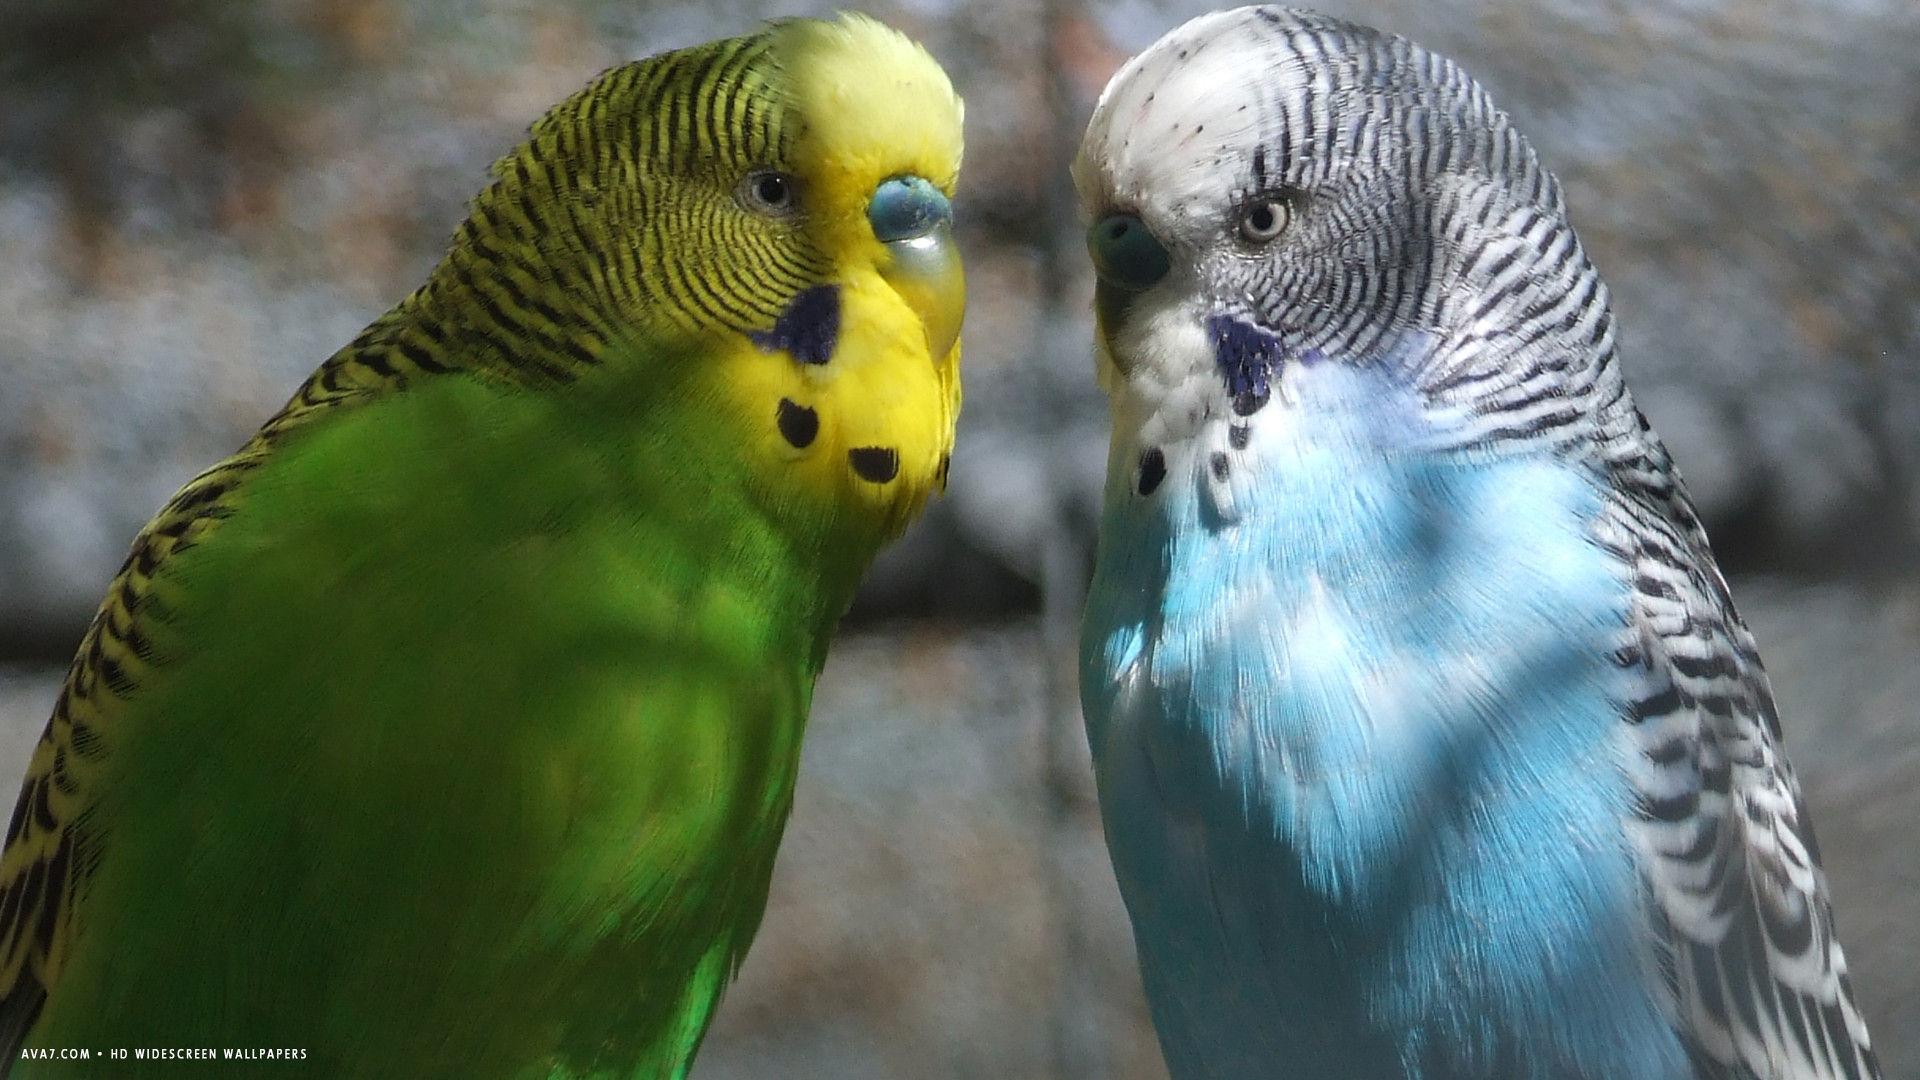 Cute Parakeet Wallpaper Budgie Two Male Budgies Bird Hd Widescreen Wallpaper